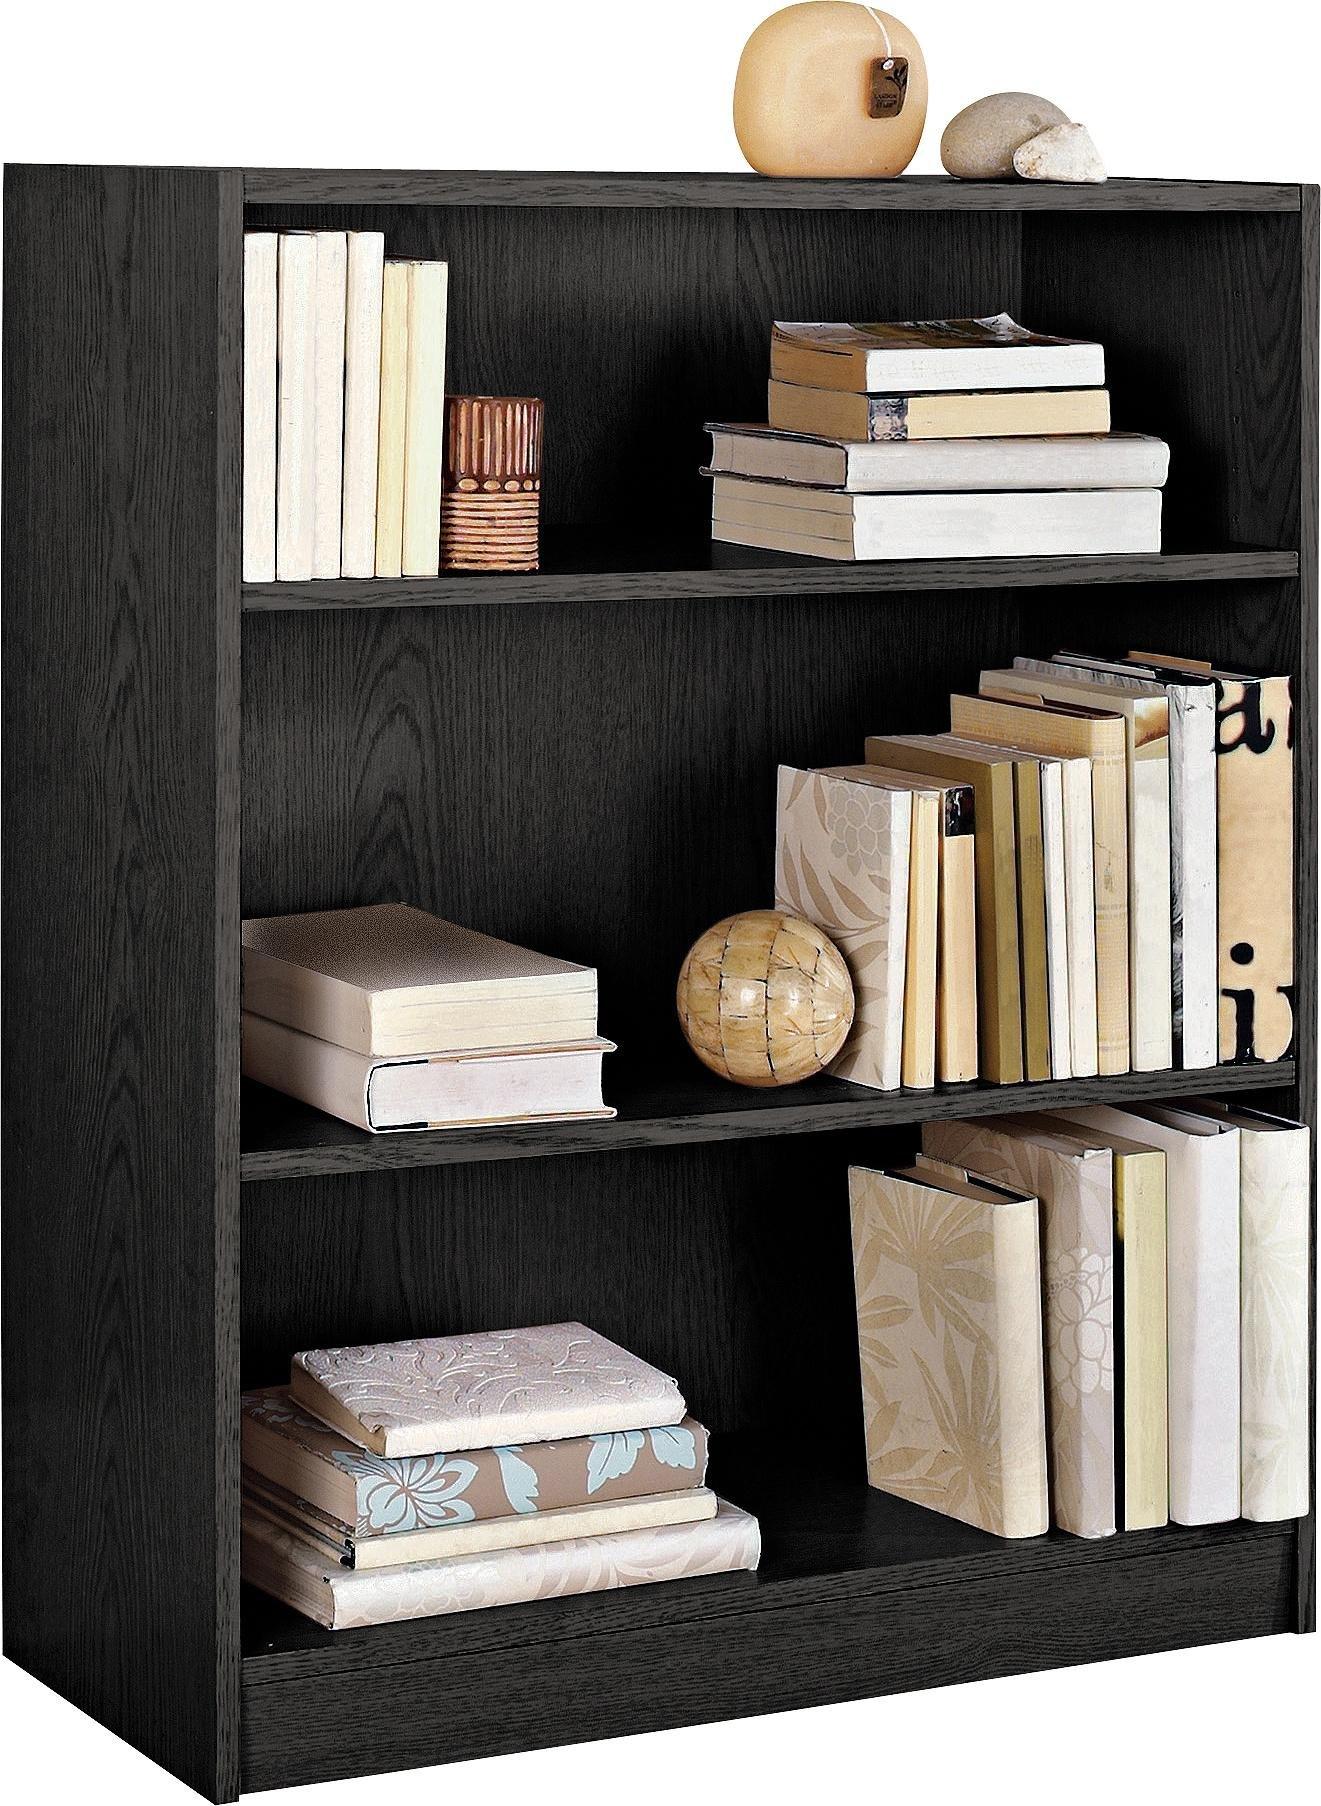 Argos Home Maine 2 Shelf Small Bookcase review